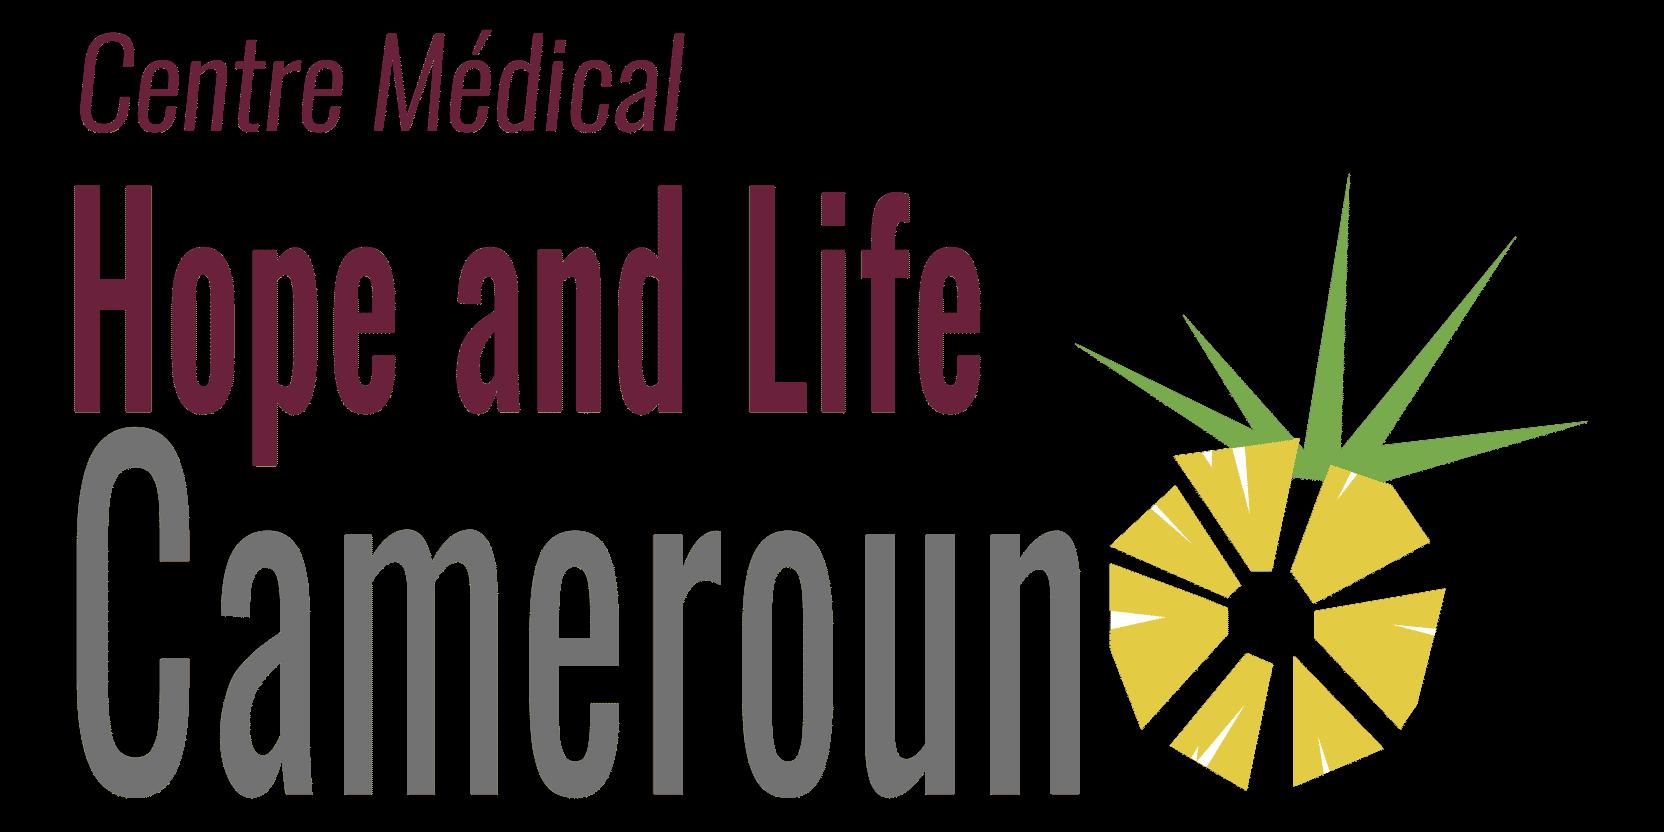 _Logo_MedicalCenter_HopeAndLifeCameroun_v.0-Franz